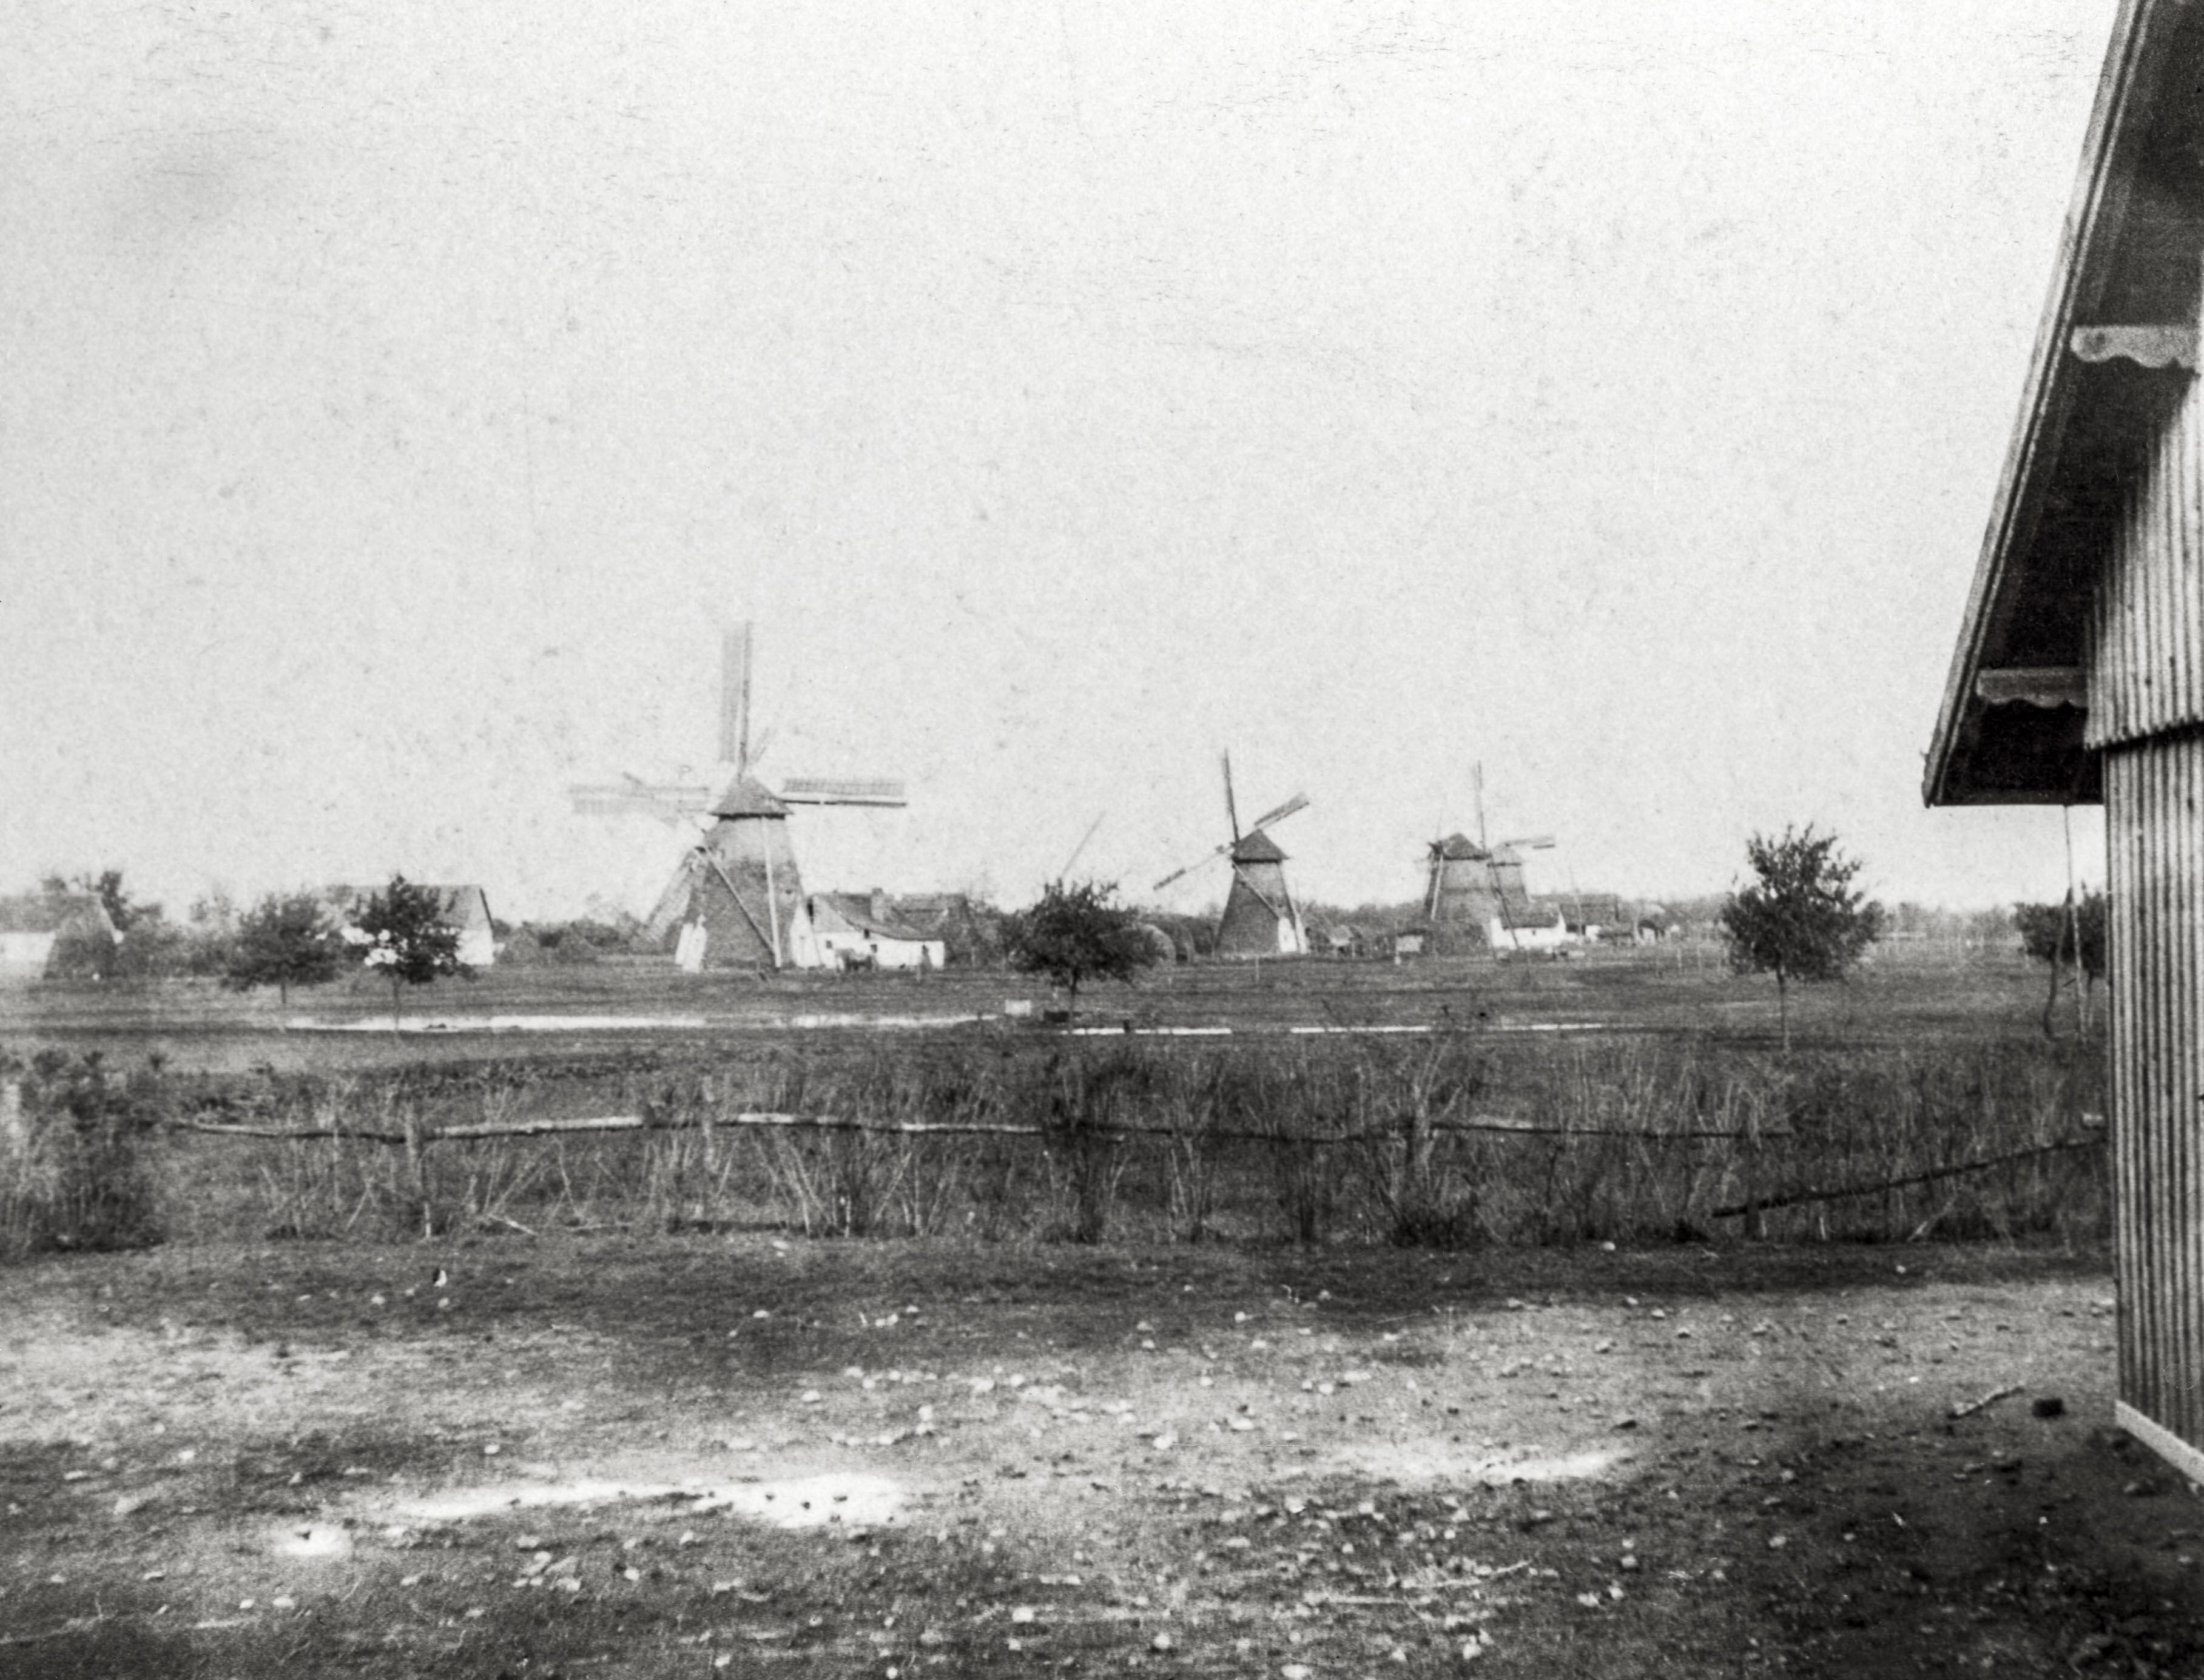 Szélmalmok. A jó széljárású sík vidék adottságait használja ki az adai felvételen látható malmok sora. <br />Ada, 1907 előtt, F 8475<br /><br />Fotó: Alföldy Flóra © Néprajzi Múzeum